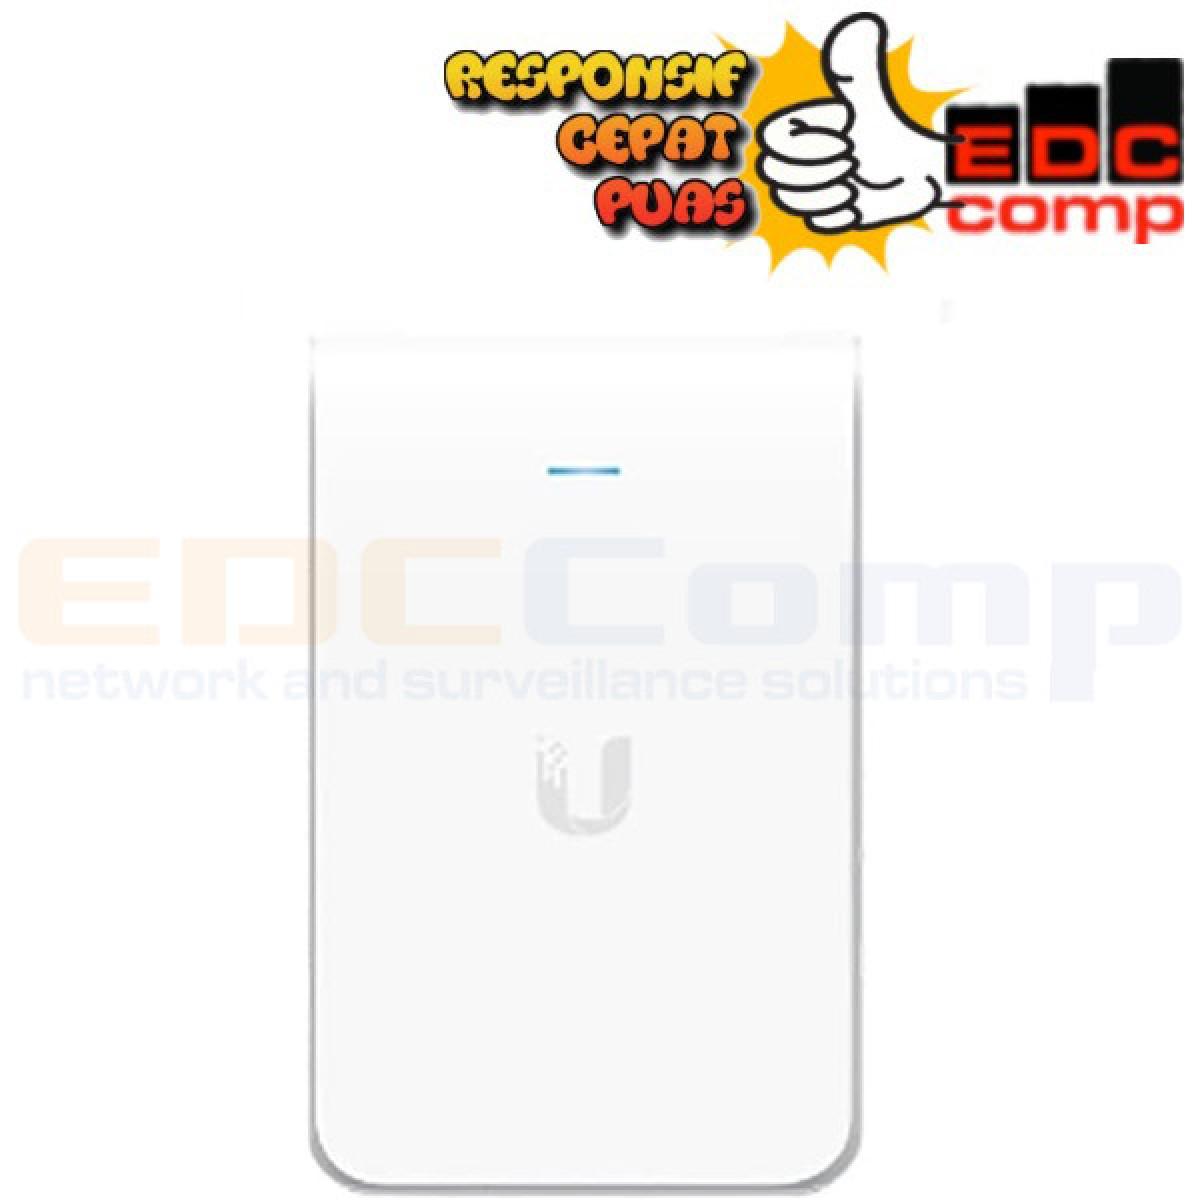 Ubiquiti Unifi AC in Wall / UAP-AC-IW - EdcComp